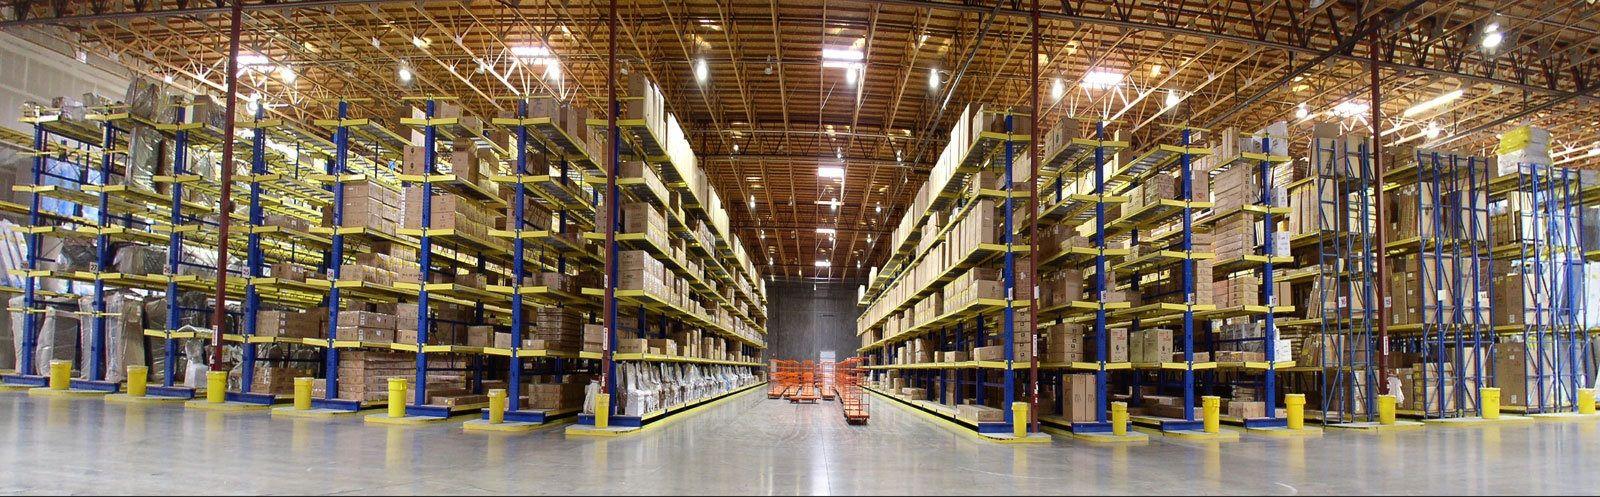 Эффективное управление складом. WMS решение